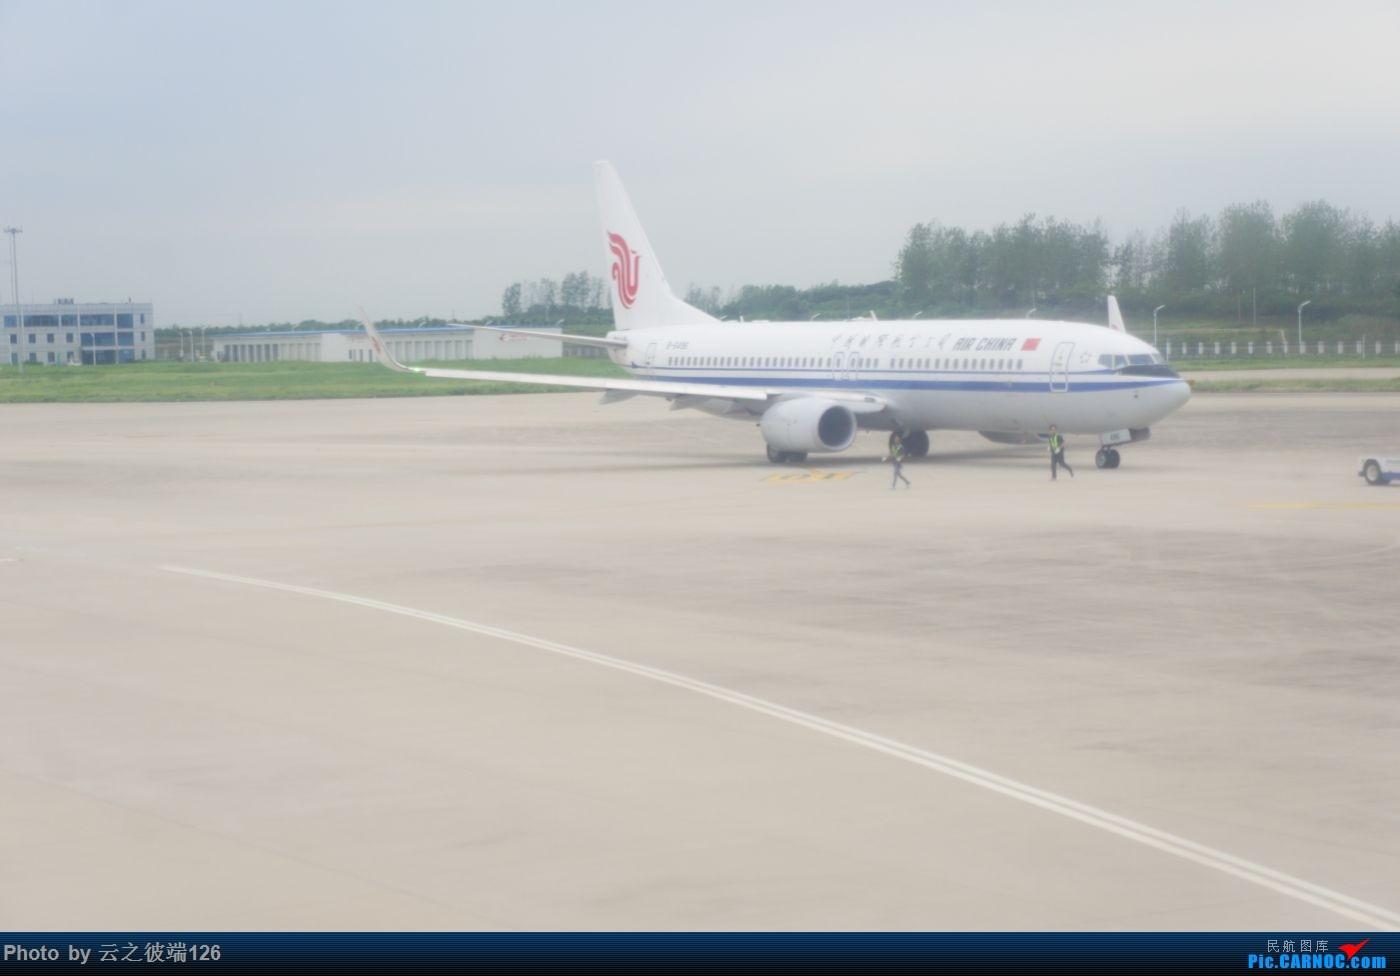 Re:[原创]---步入中原,时隔三年意外遇见你 NKG-XIY-HFE--- BOEING 737-800 B-6496 中国合肥新桥国际机场